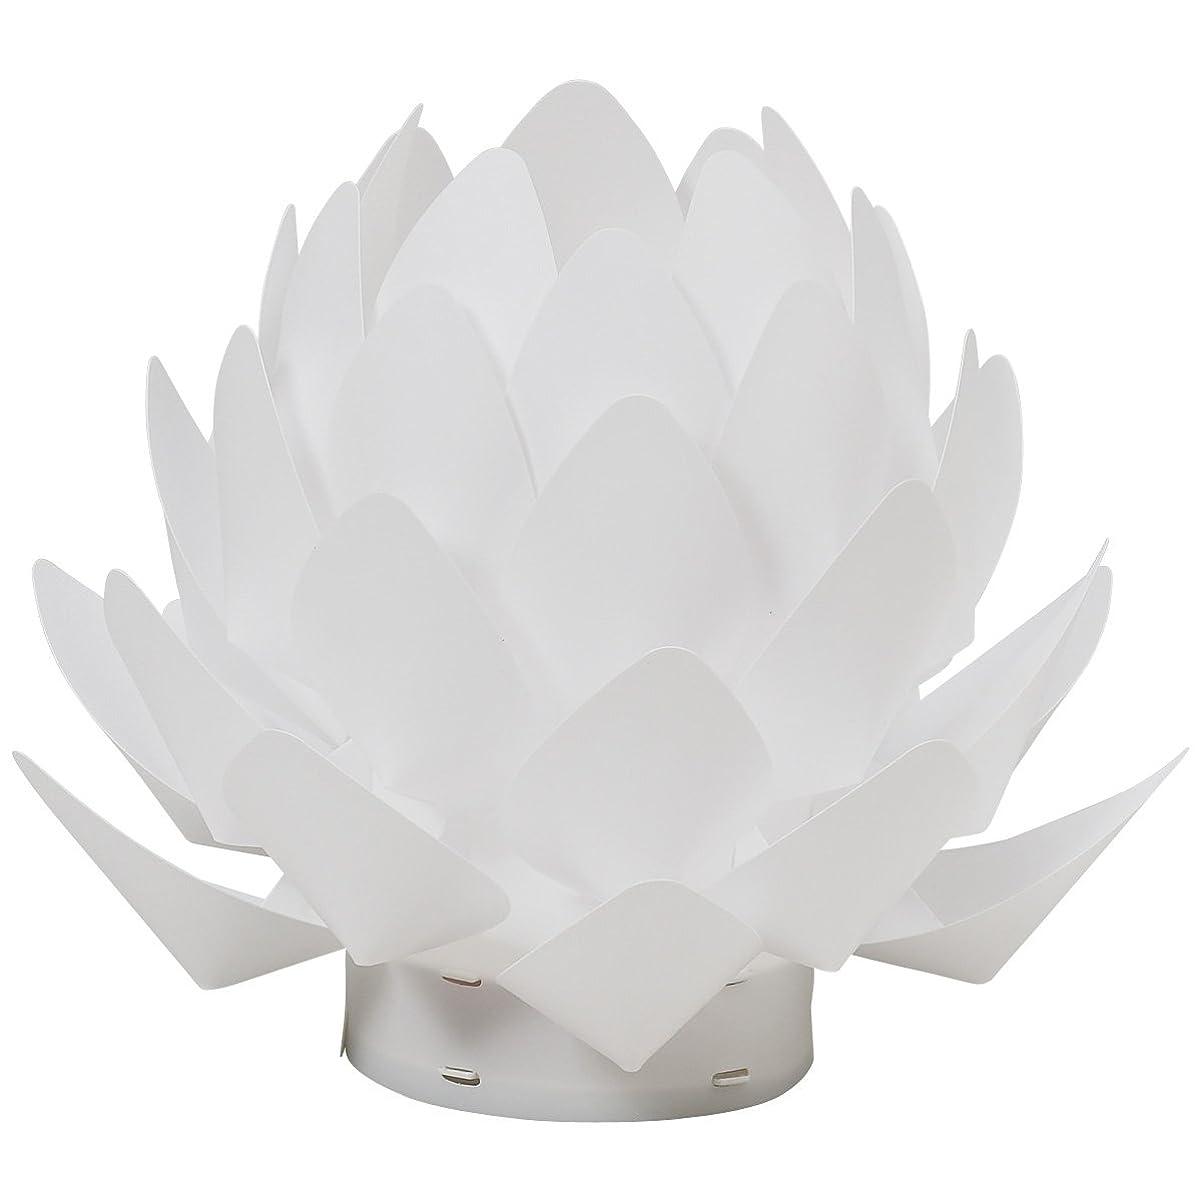 ドラフトエイズ症状カメヤマ 盆提灯 Origami-lite 蓮花 XS (間接照明)